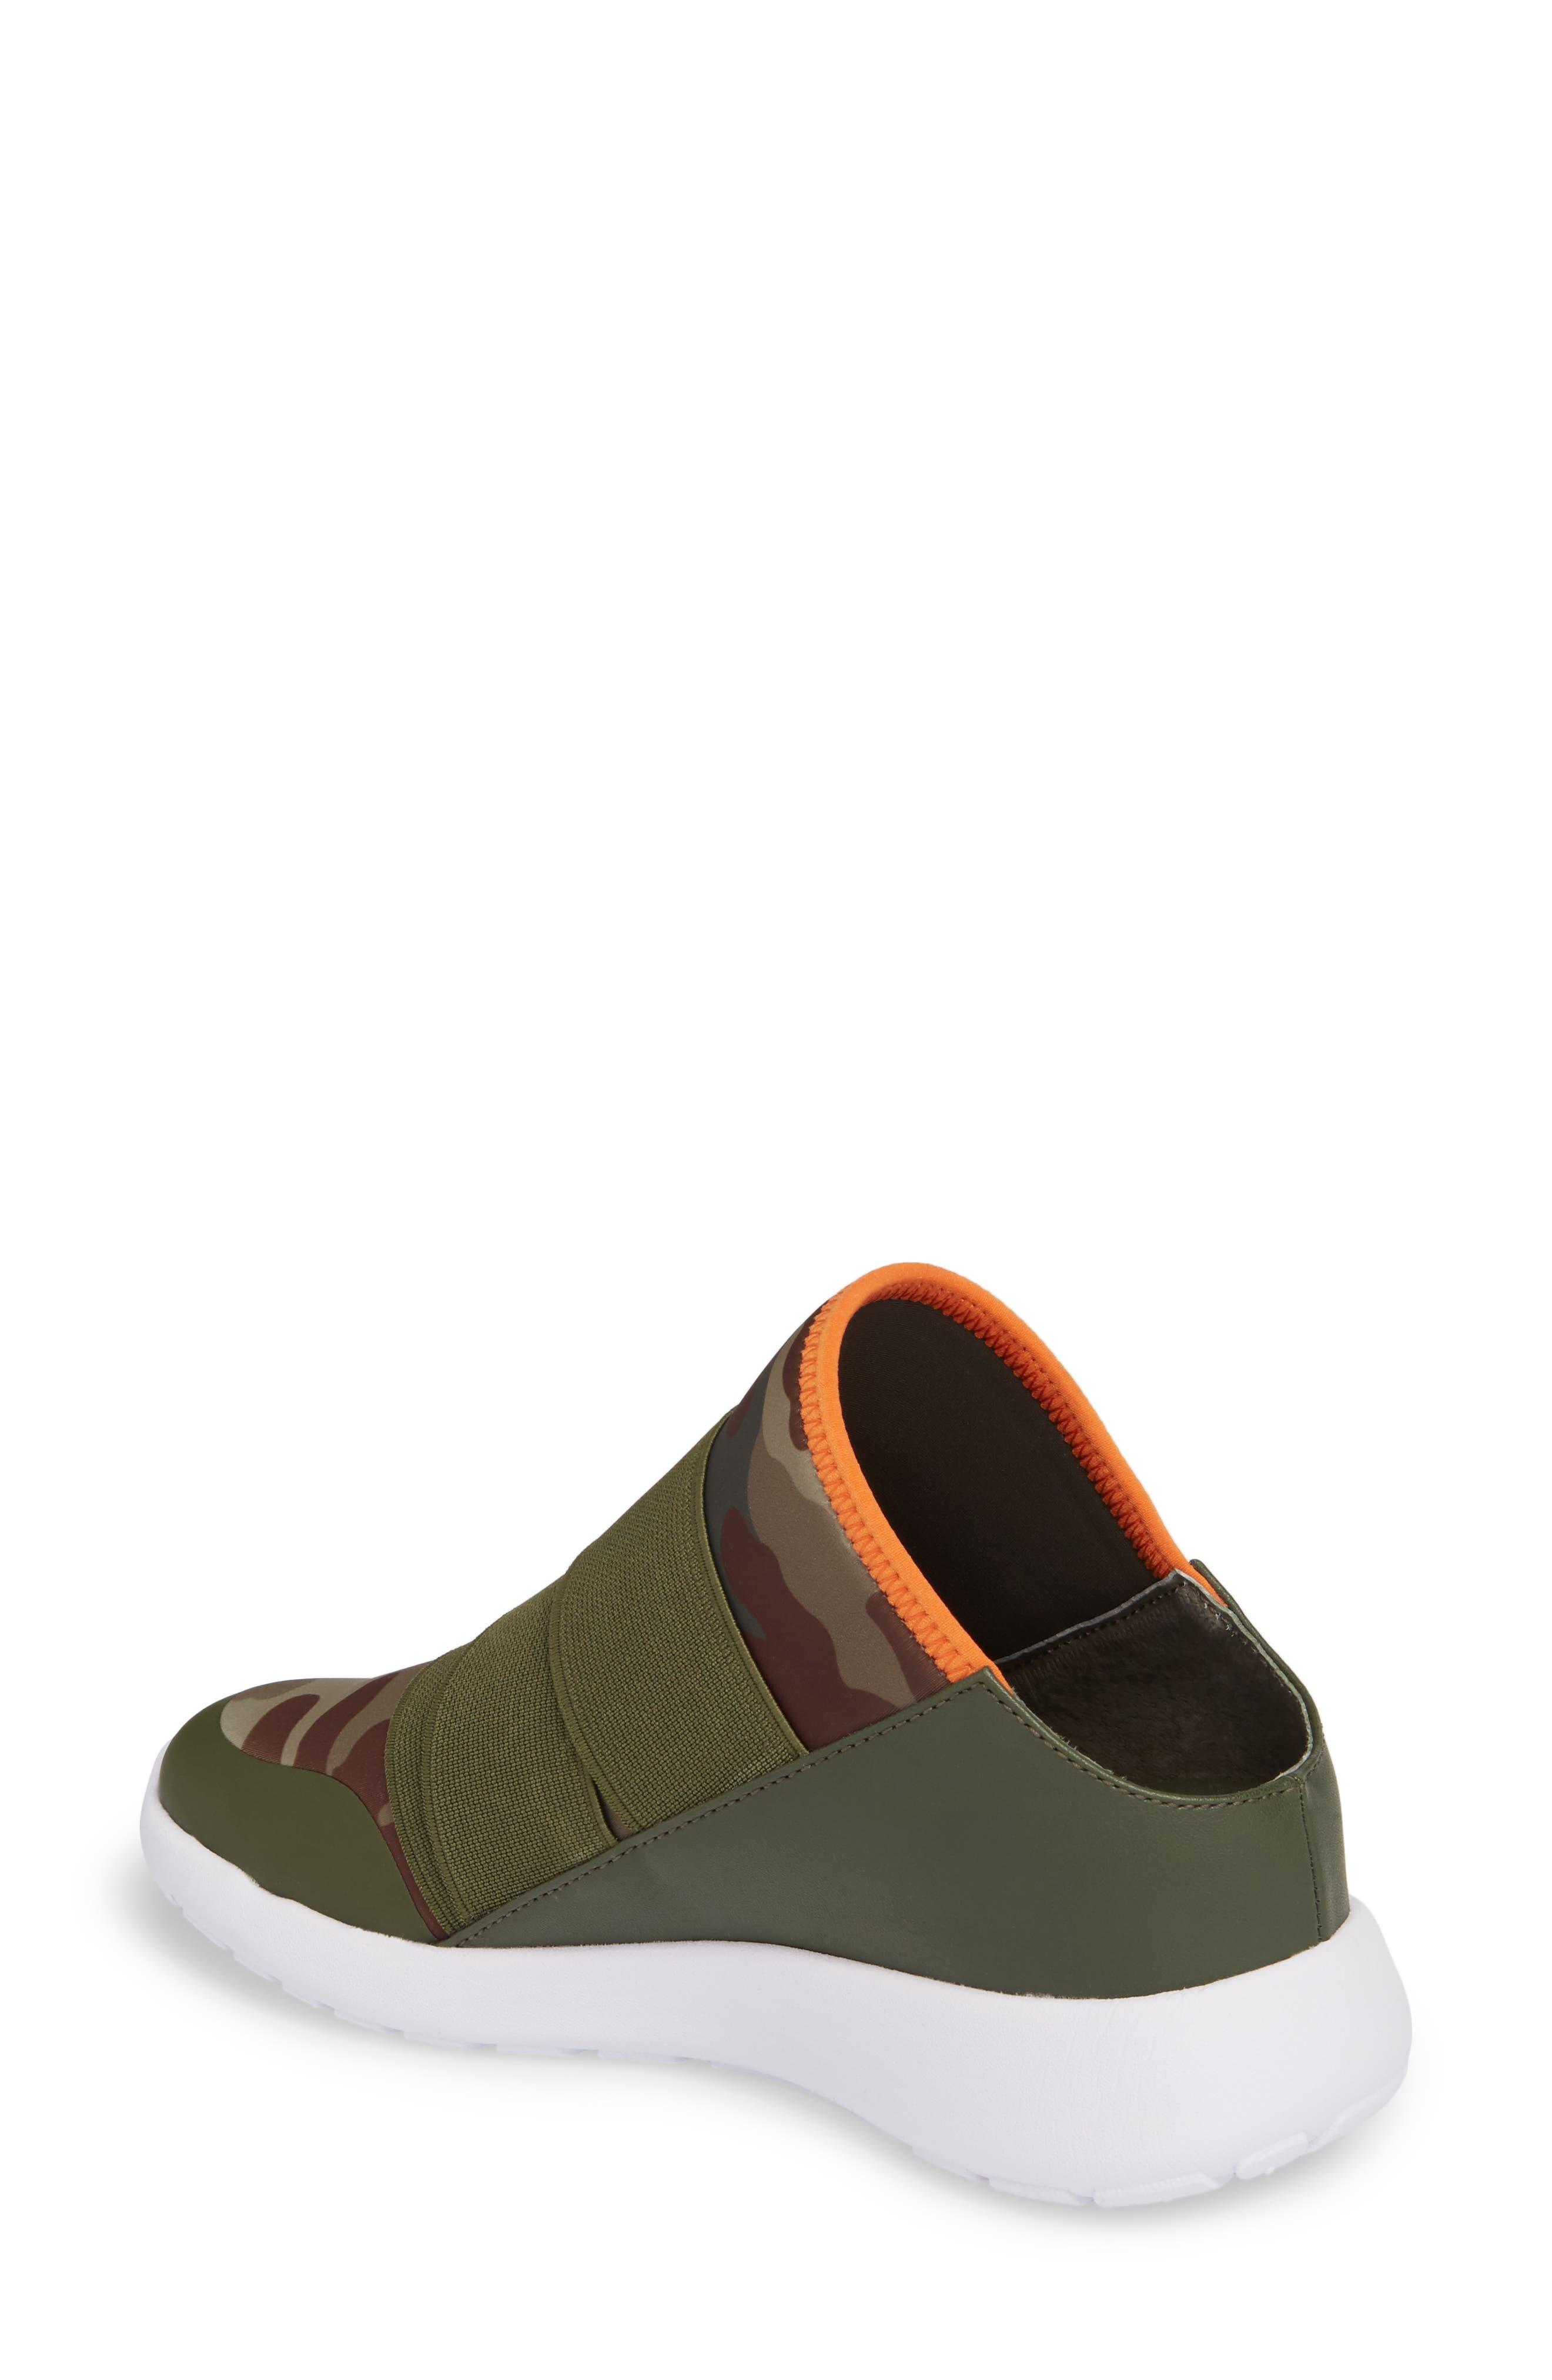 Vine Slip-On Sneaker,                             Alternate thumbnail 5, color,